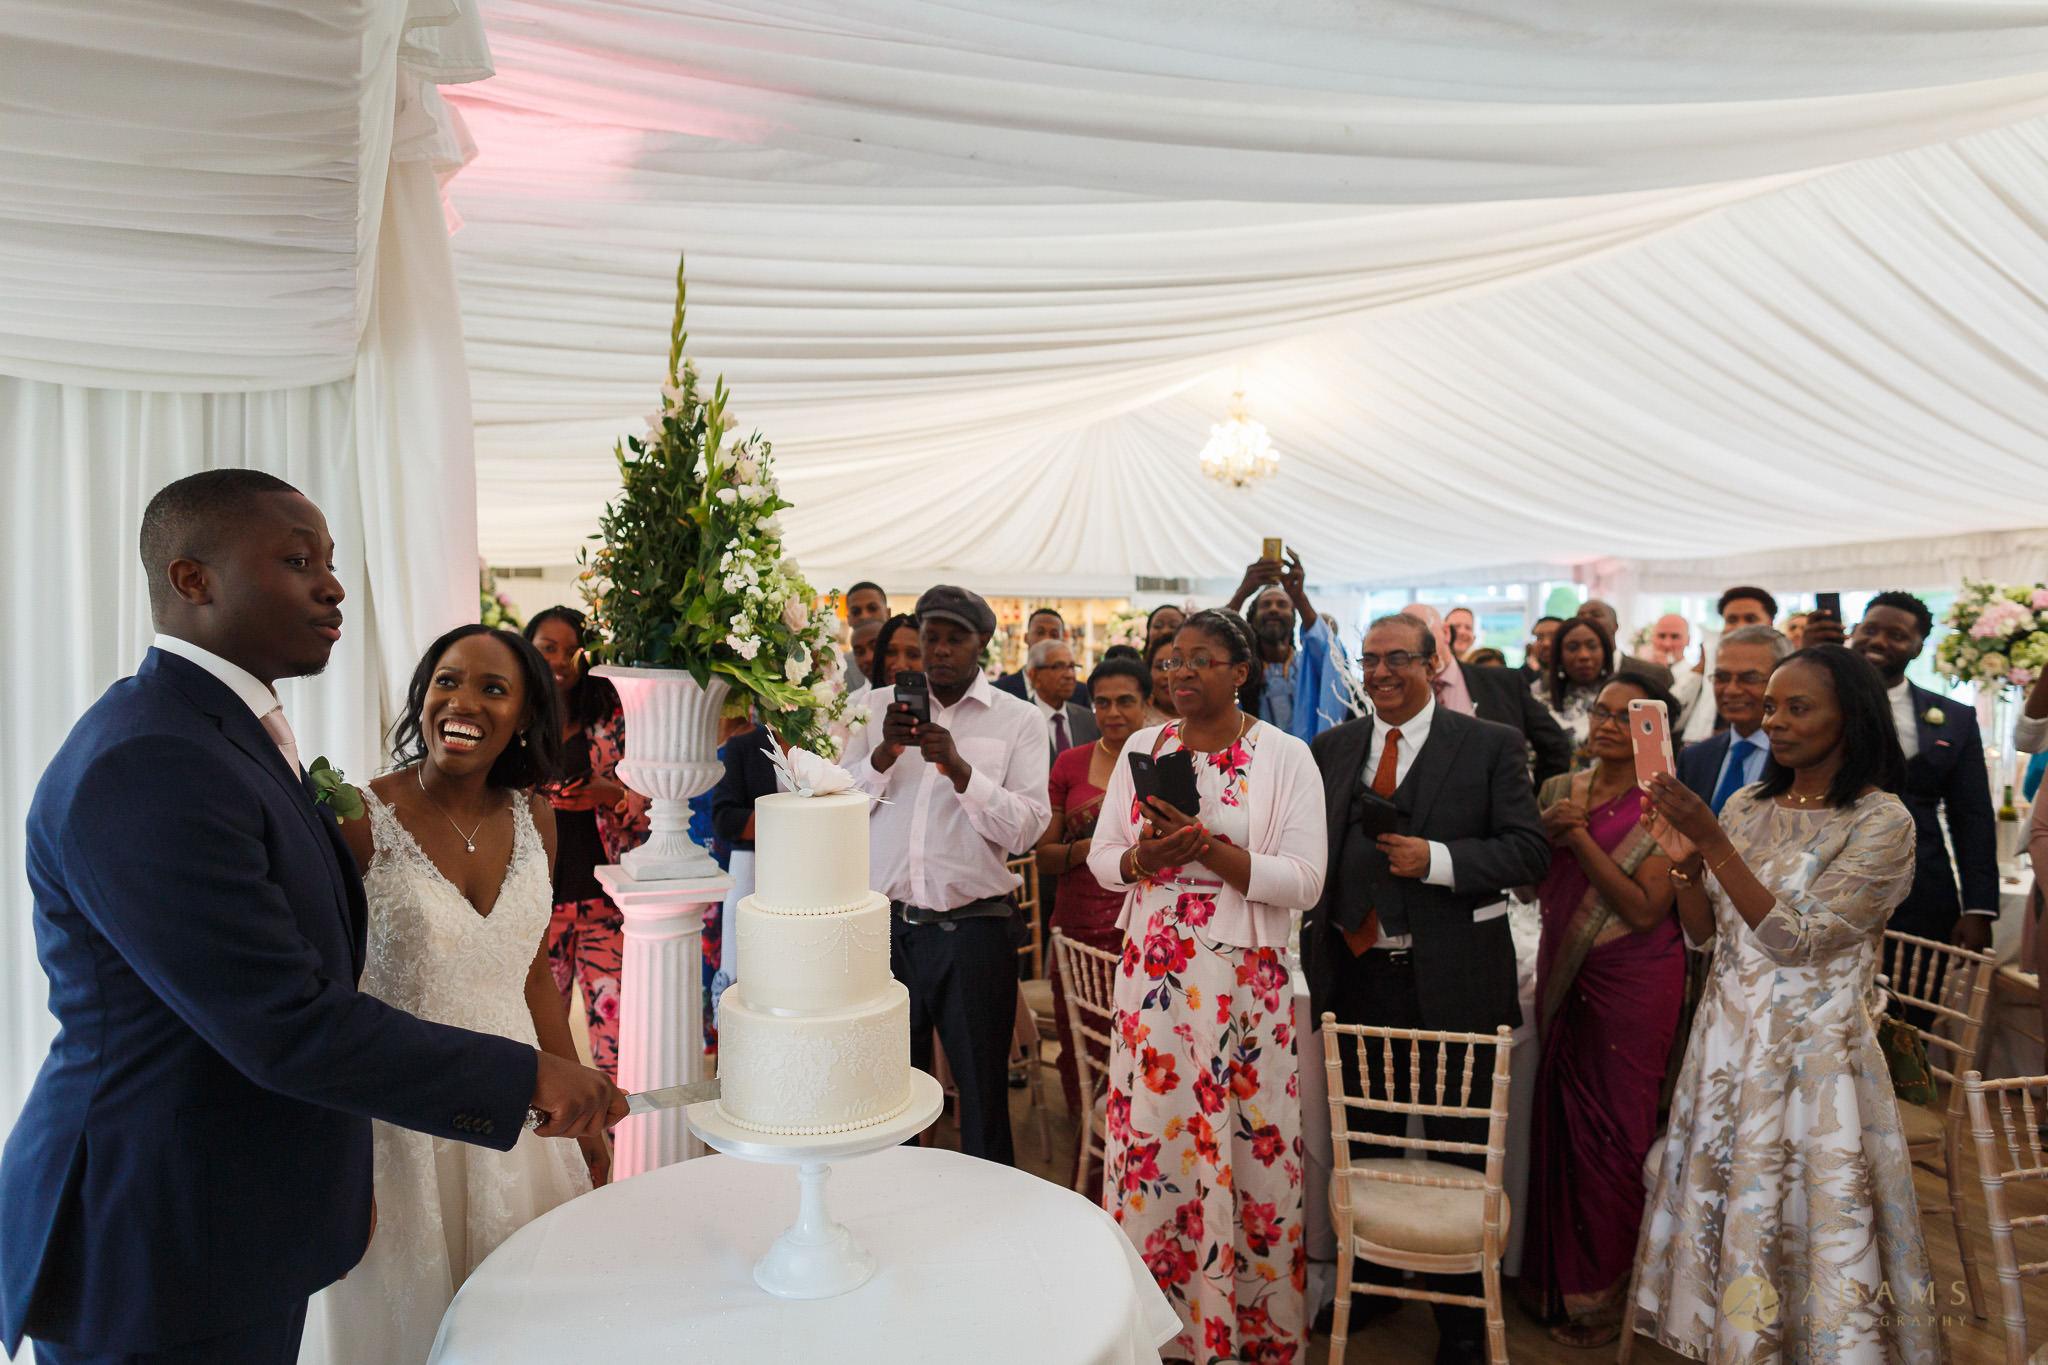 cake cutting at Boreham House wedding